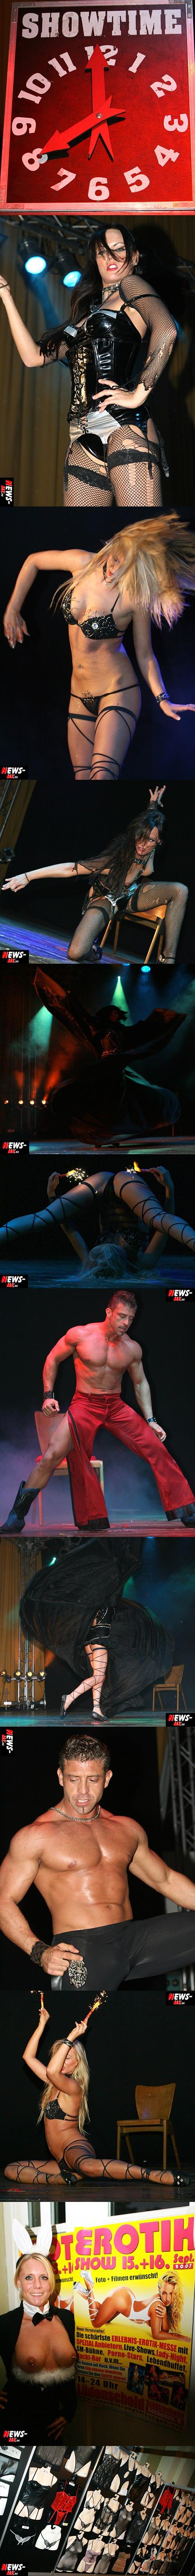 ntoiaa_lued_erotic_bonus_01-12.jpg